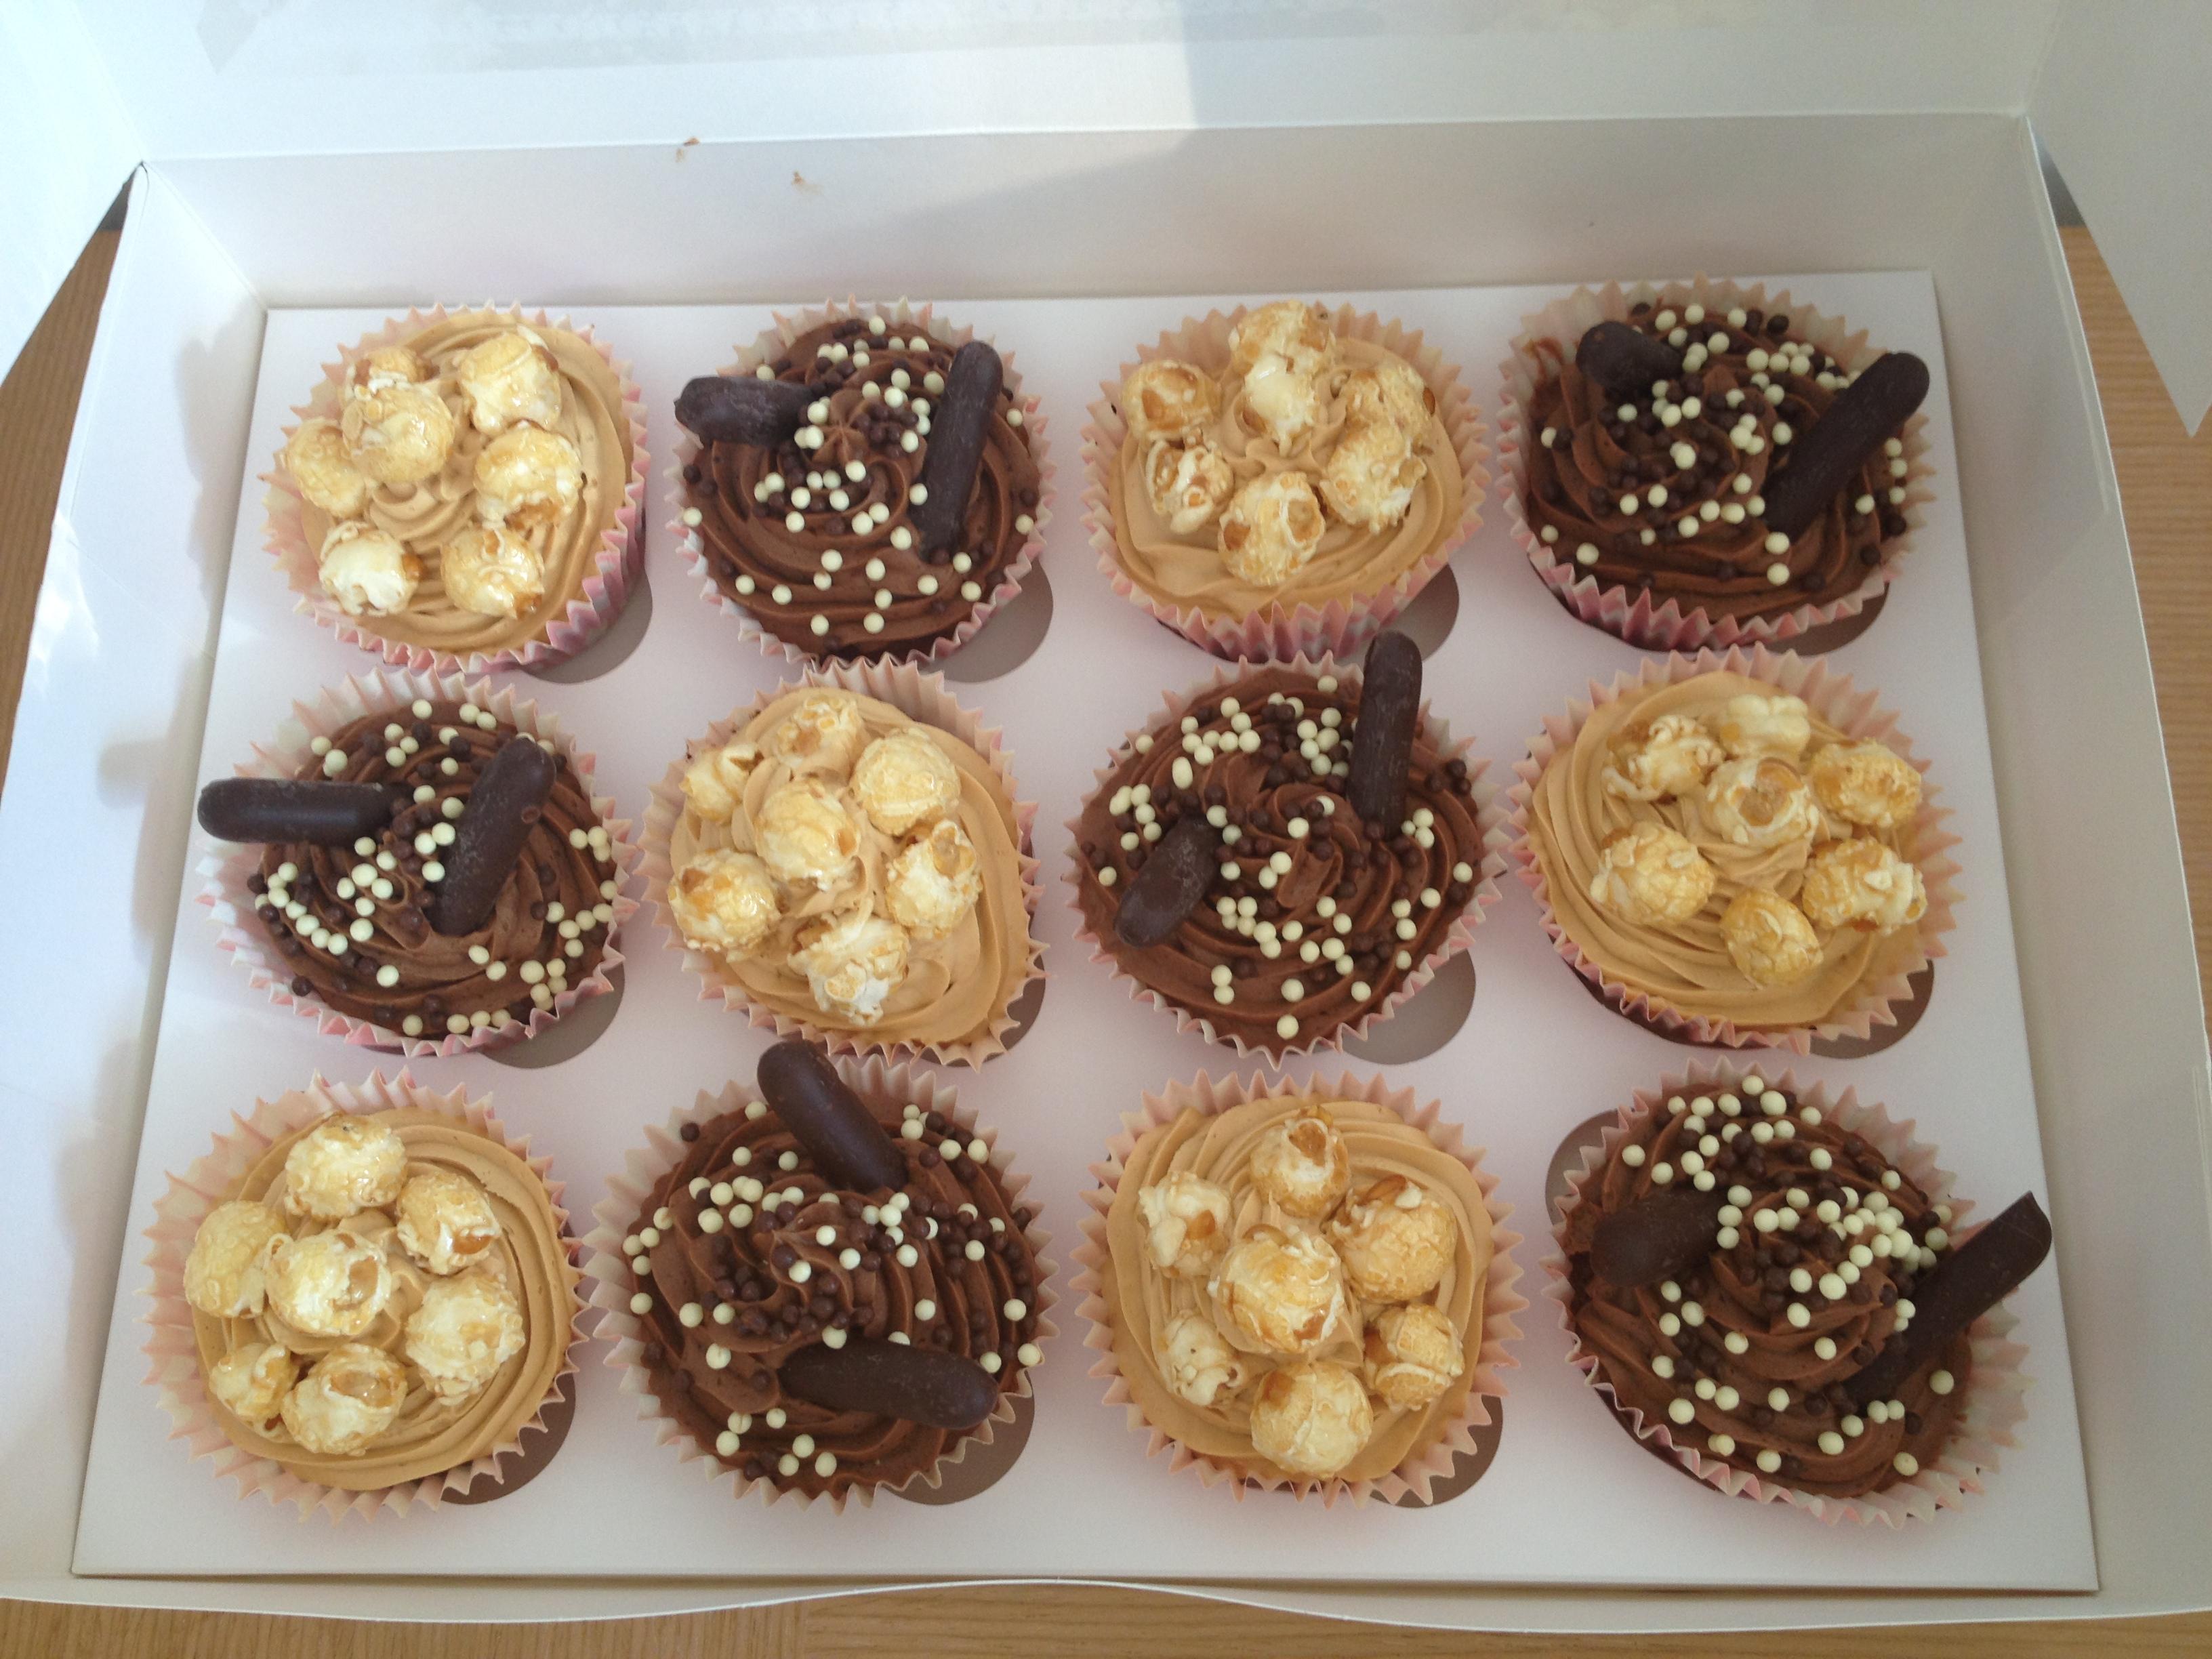 chocolate & caramel cupcakes